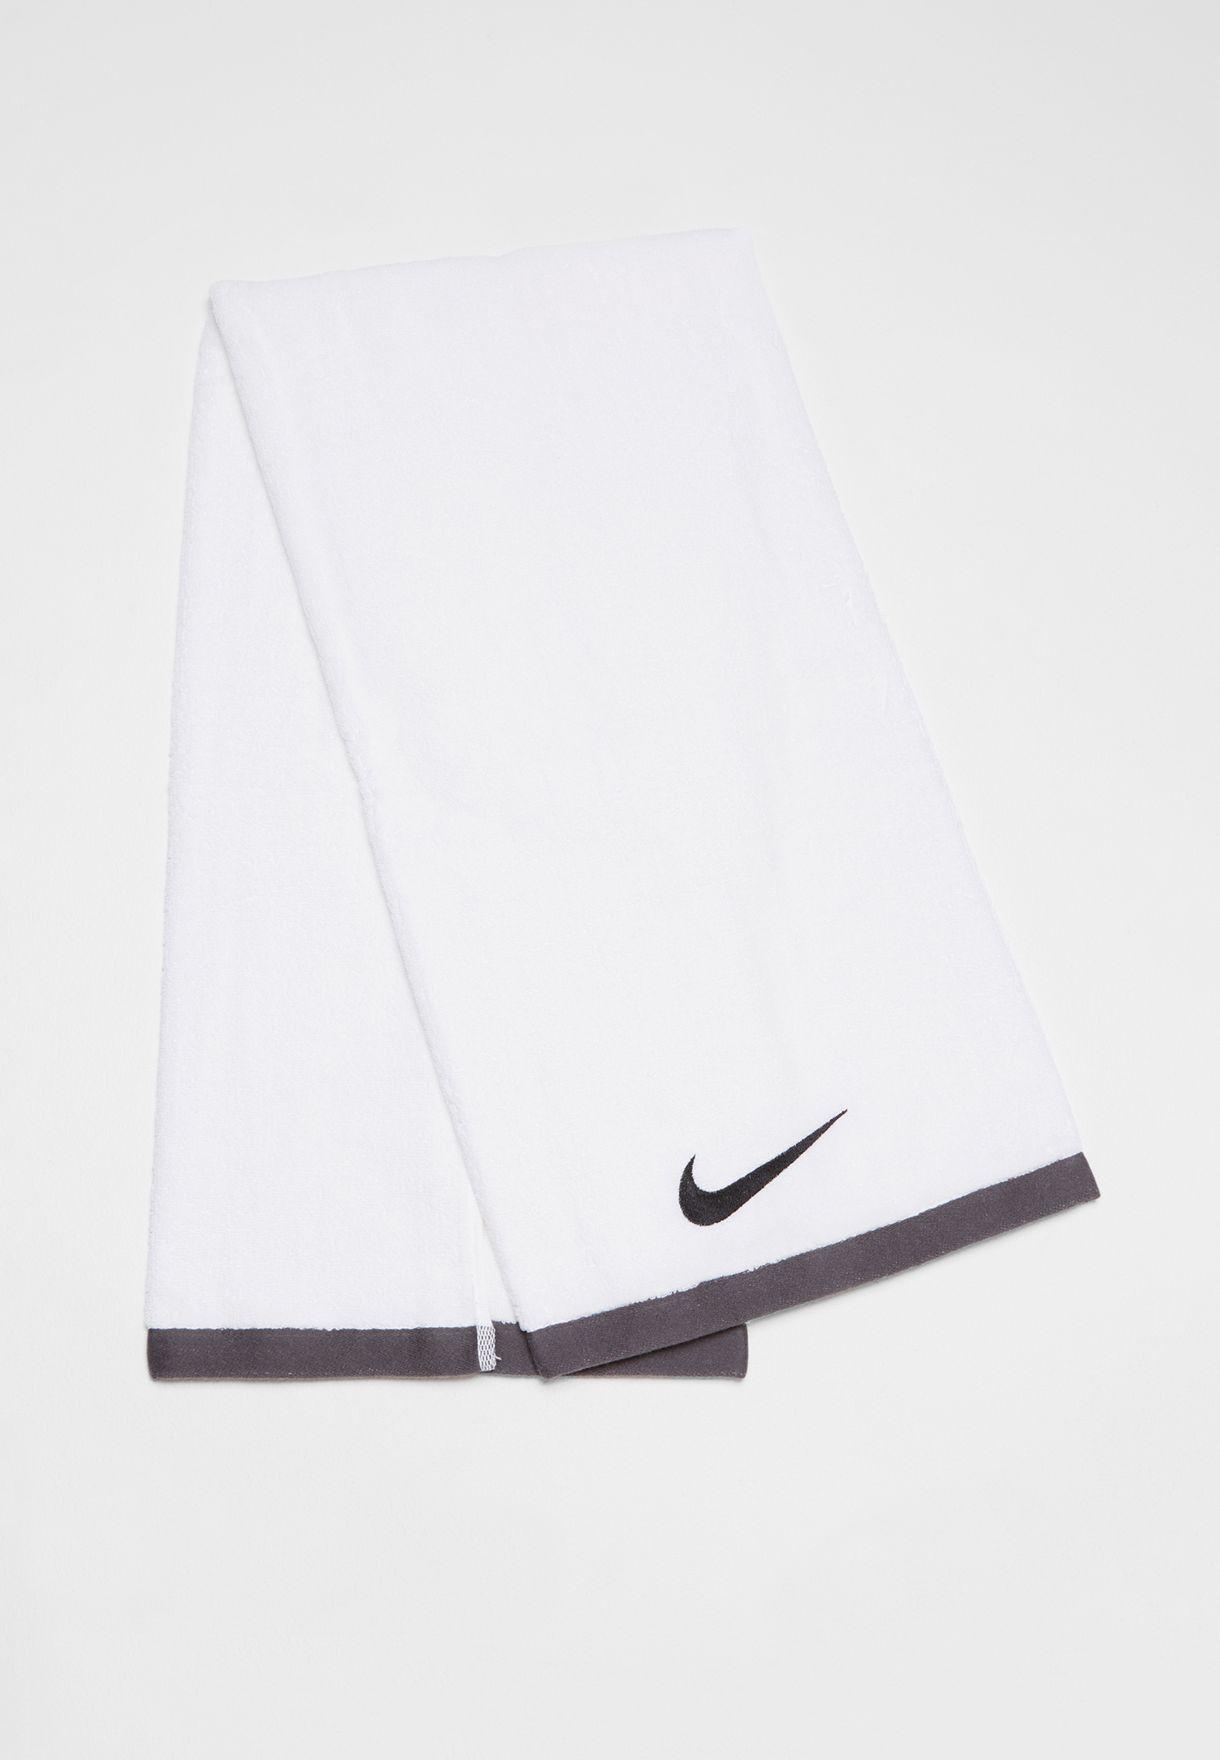 Medium Fundamental Towel